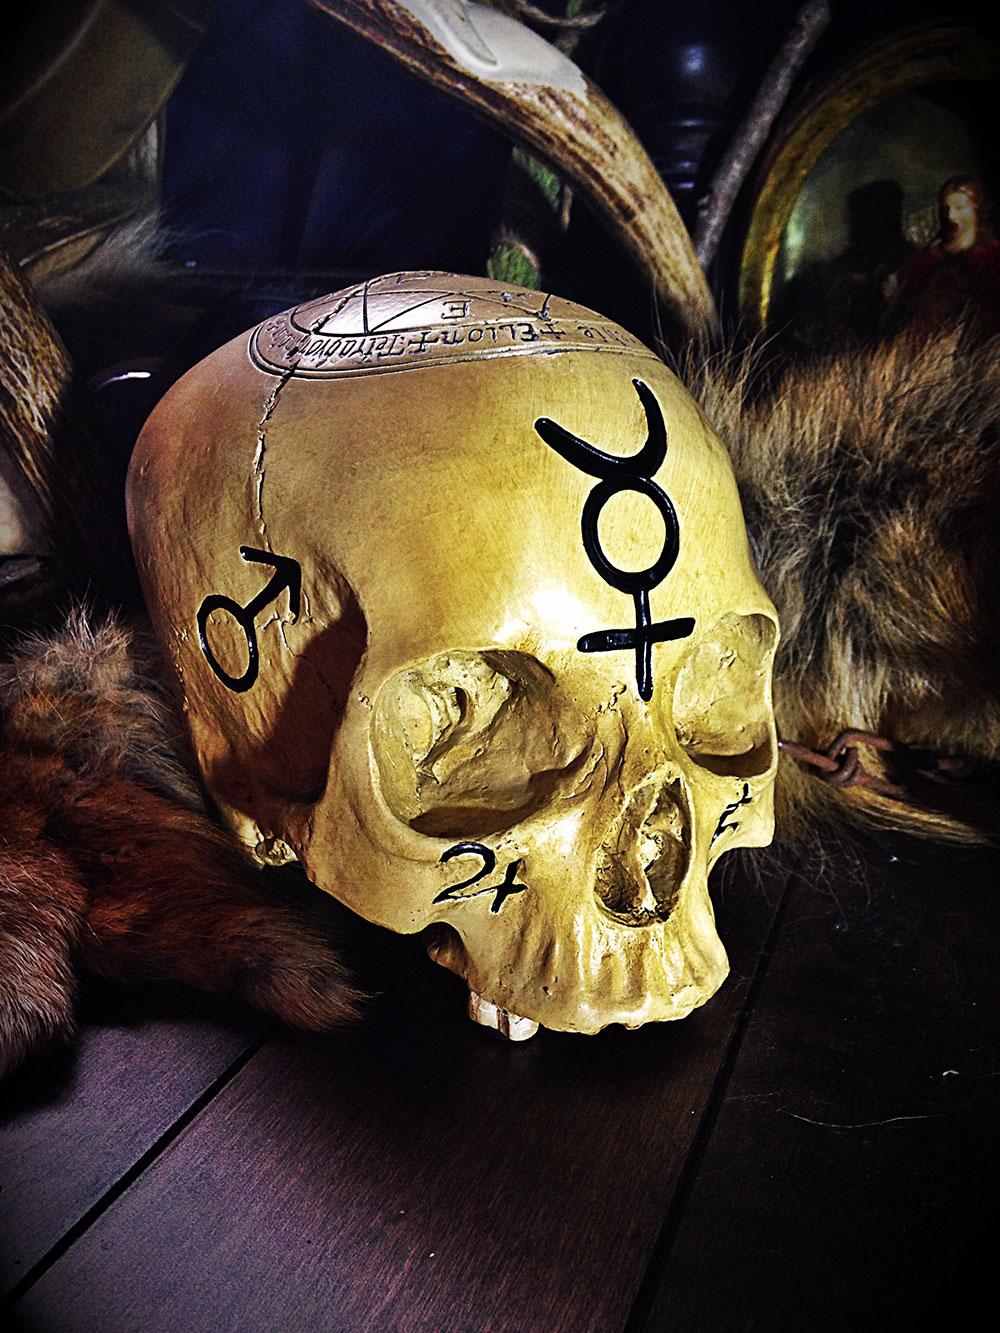 The Ritual Pentagram Skull